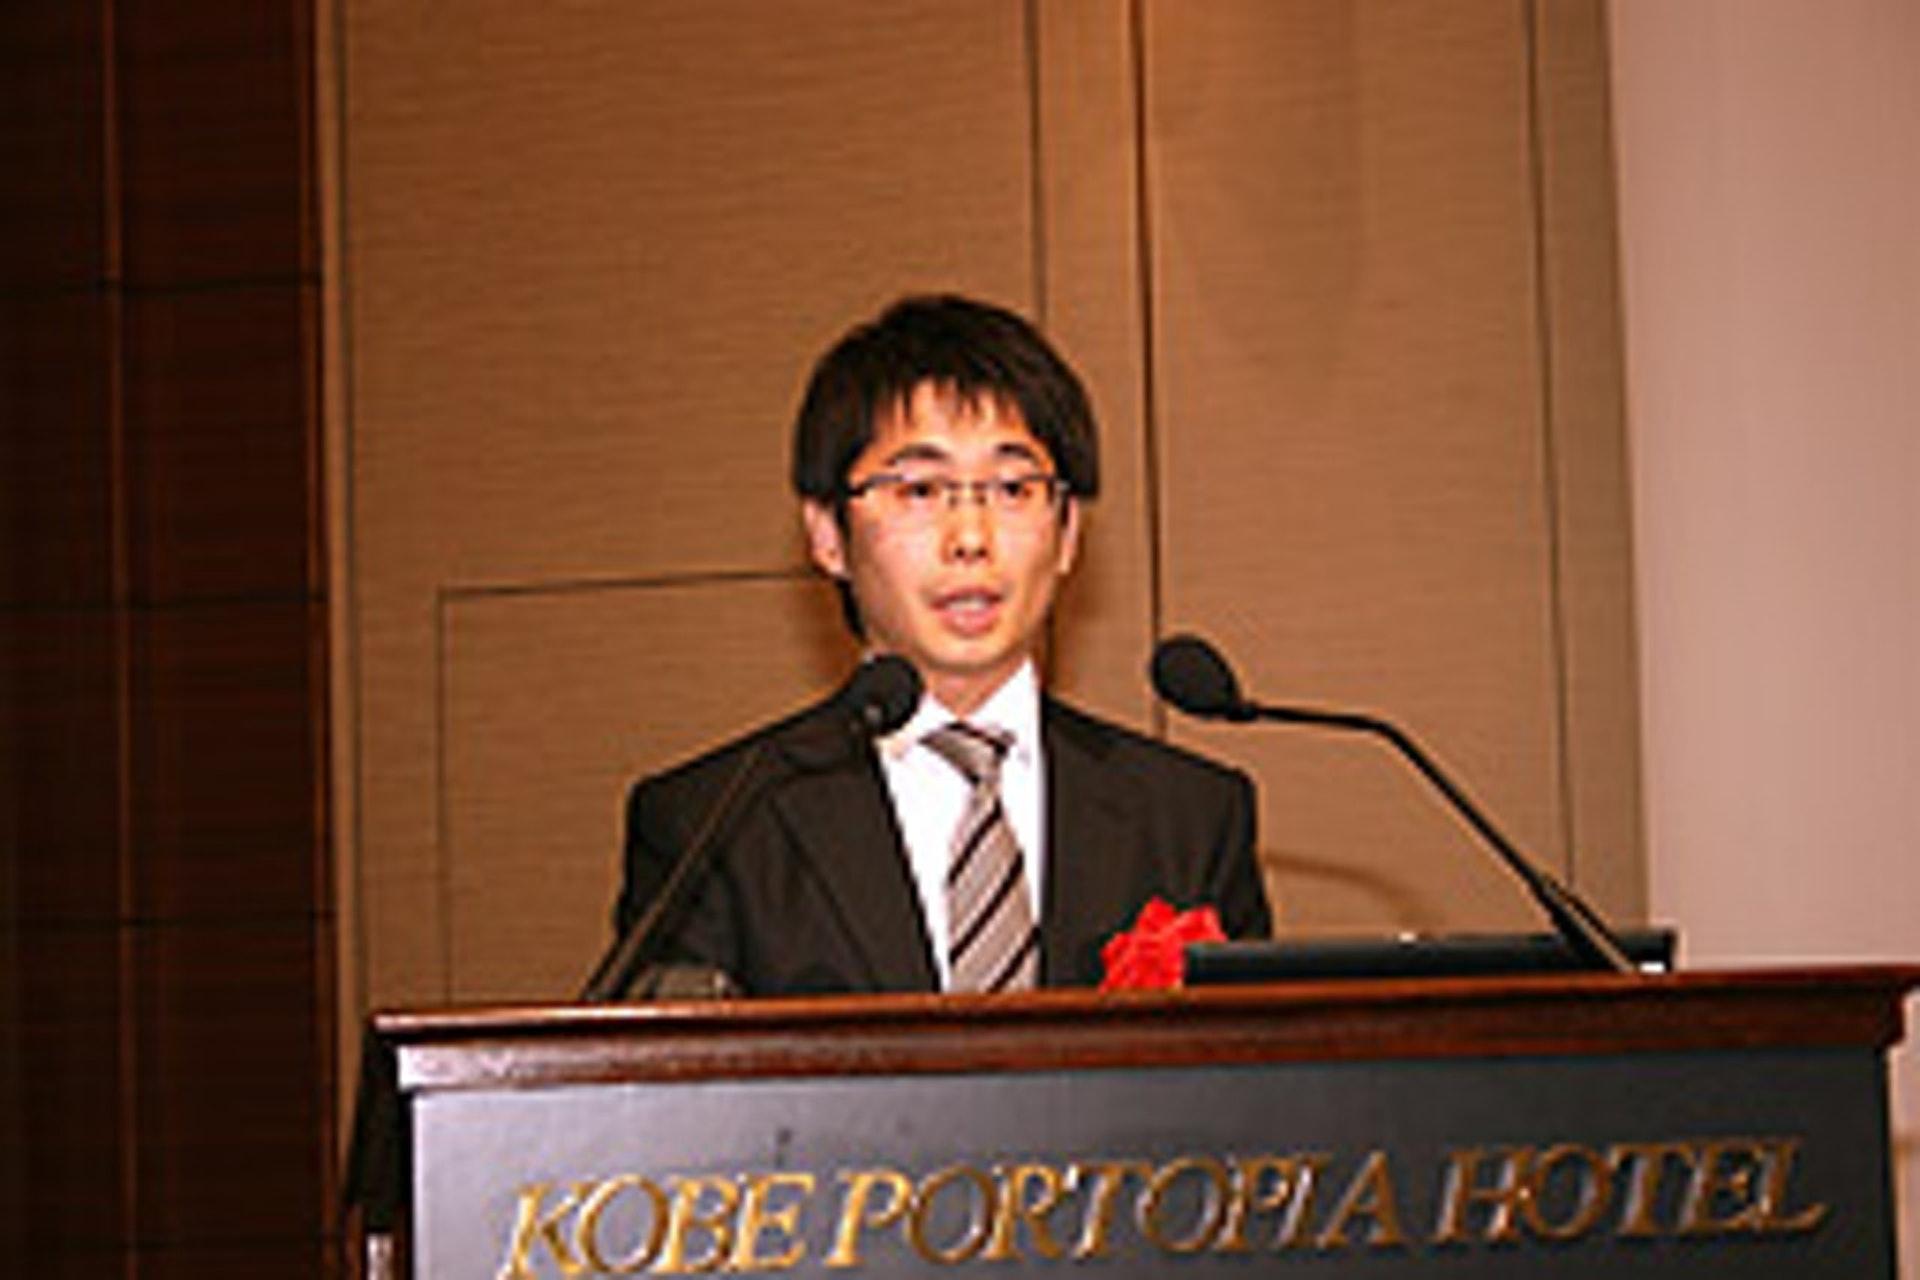 日本人被捕:日本网民根据媒体和外务省的资料分析,怀疑被捕男子是现年42岁的北海道大学法学部教授岩谷将。(Asia Pacific Forum网站)